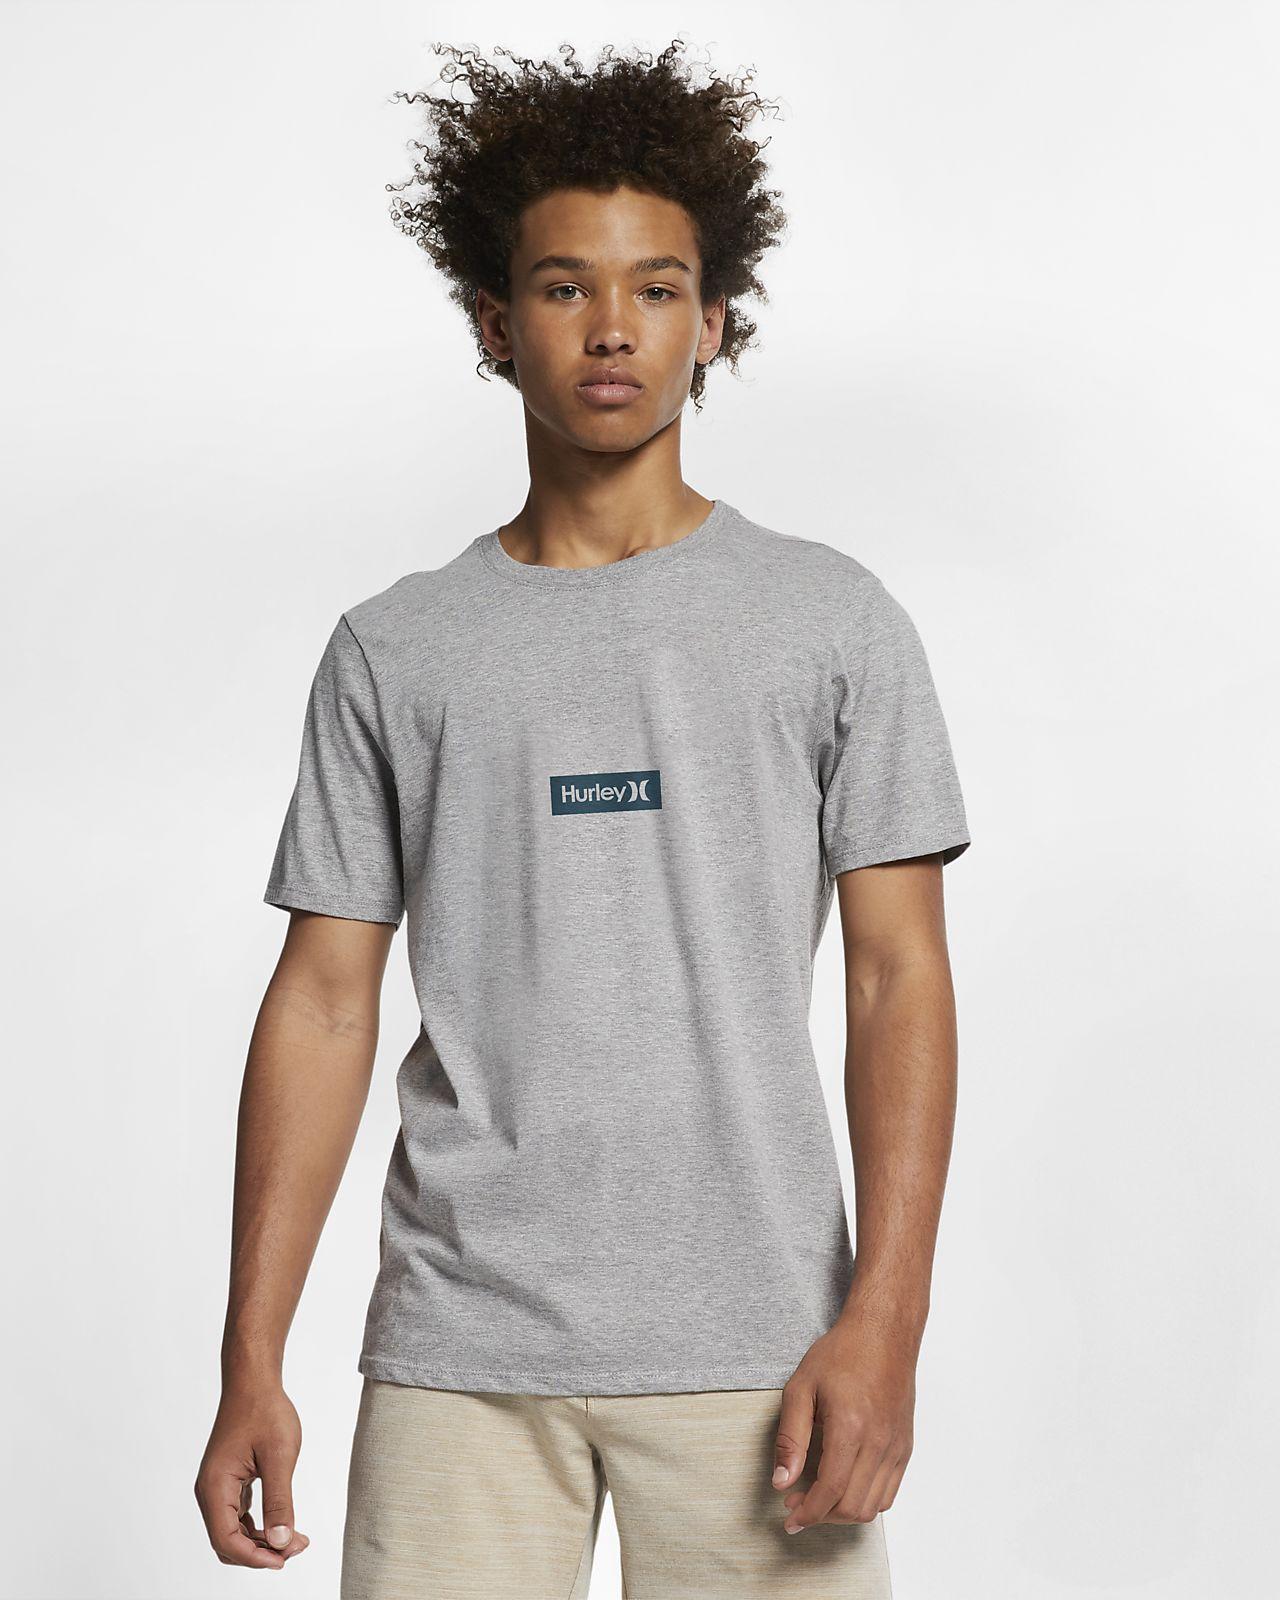 ハーレー プレミアム ワン アンド オンリー スモール ボックス メンズ プレミアム フィット Tシャツ